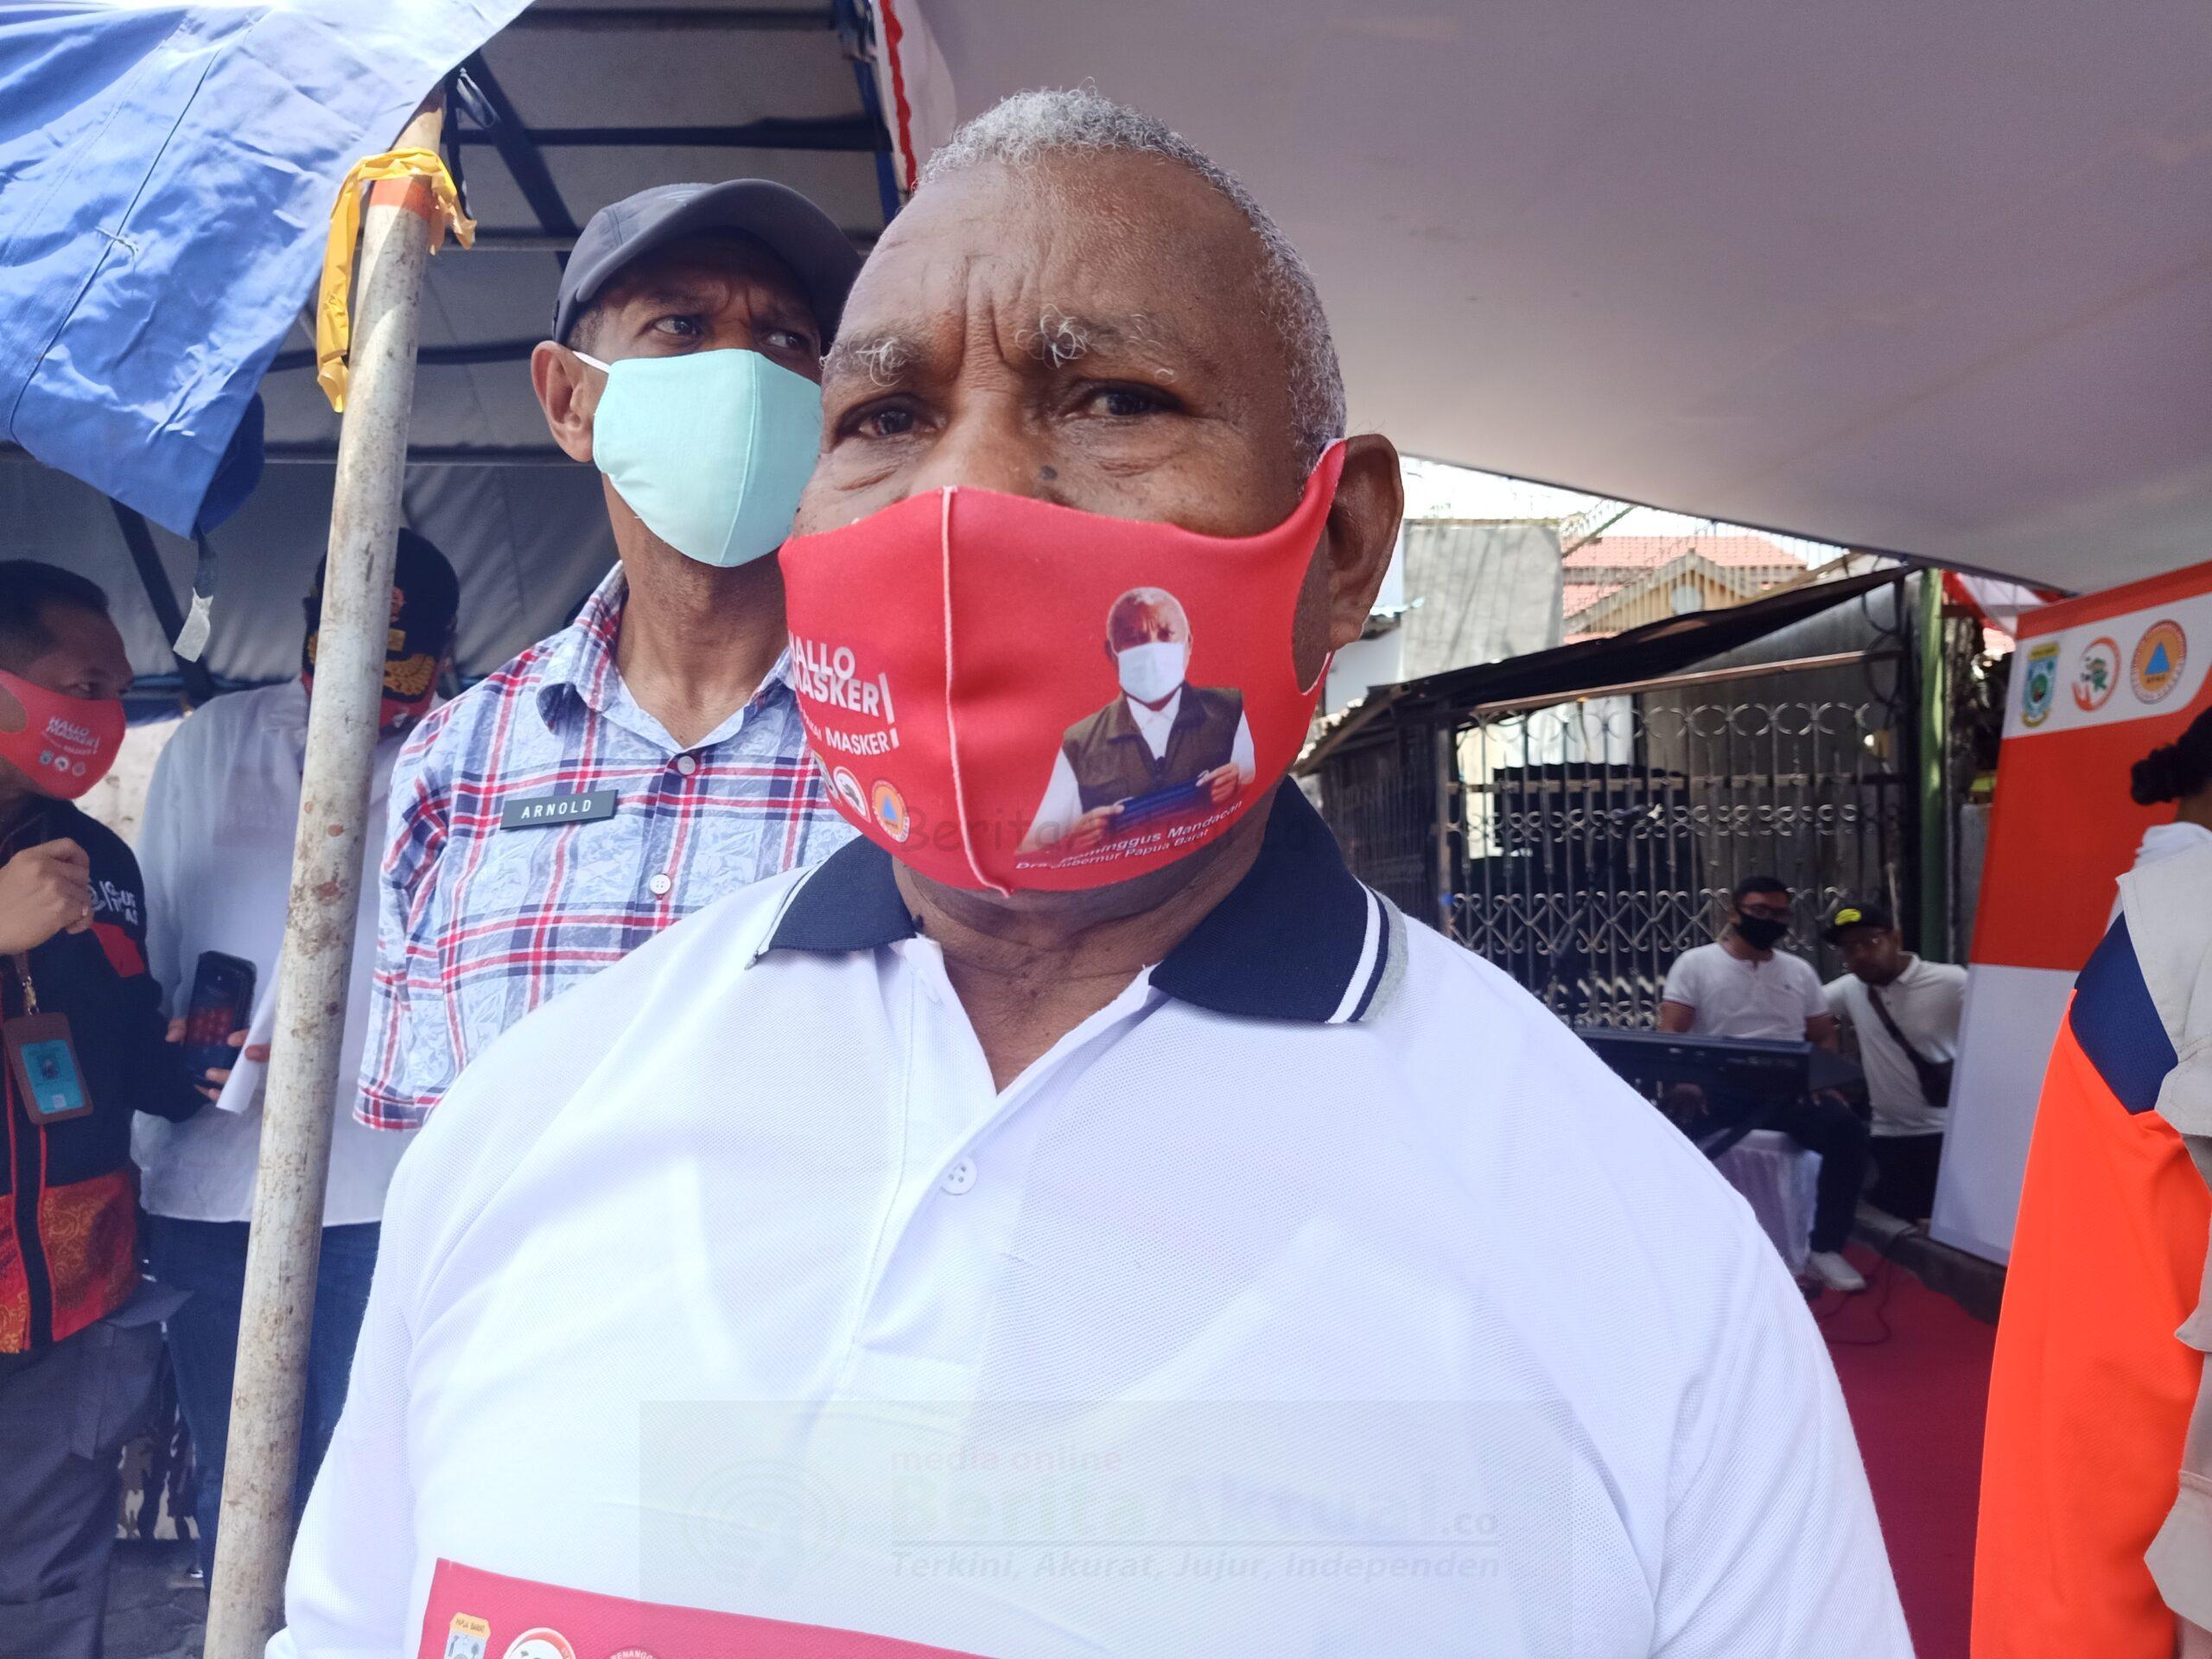 Pemprov Papua Barat Kembali Perpanjang WFH Sampai 23 November 2020 9 IMG20200911111201 1 scaled